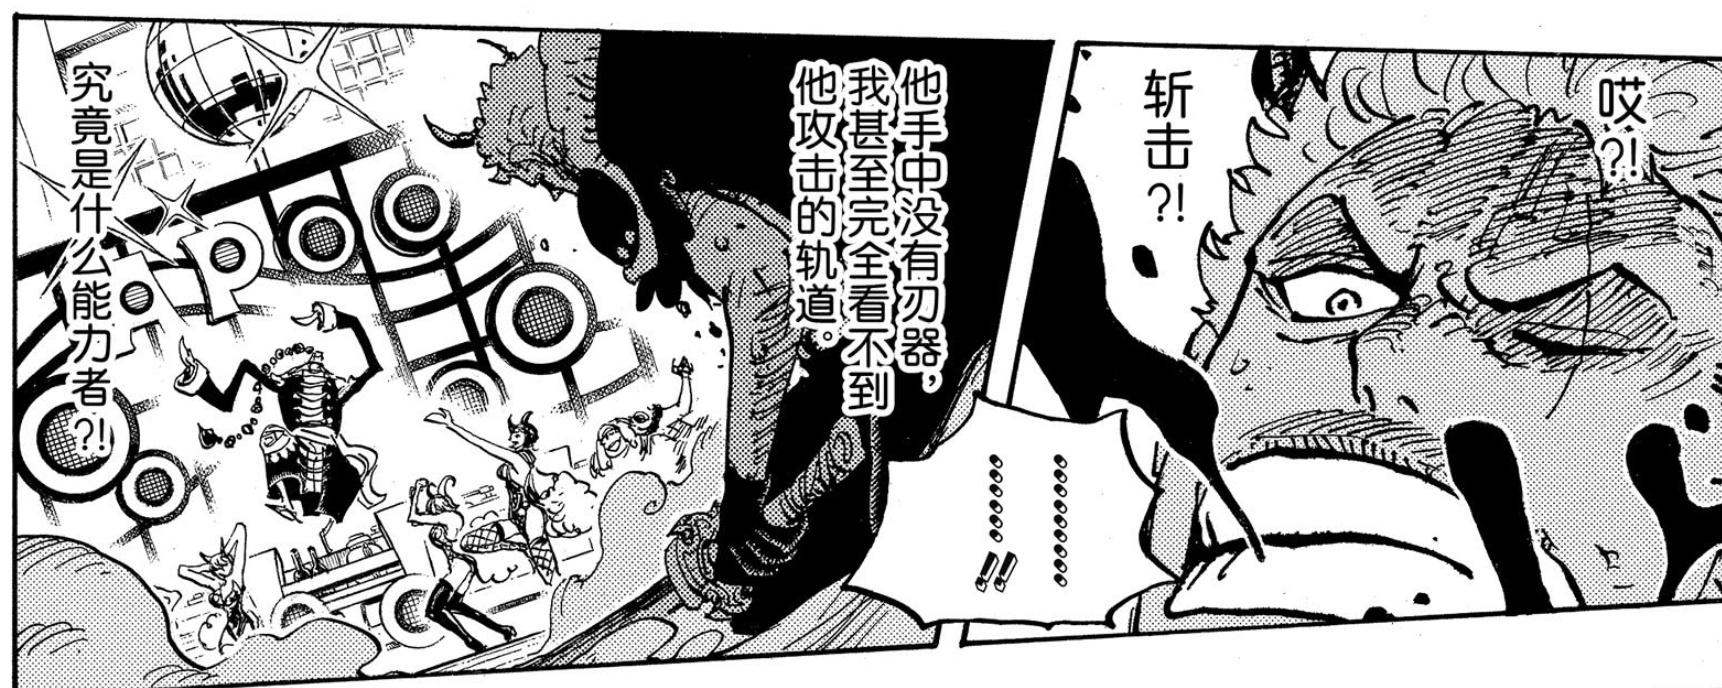 海賊王981話最新分析:靜寂果實并非雞肋,它是阿普的天敵,還能無視大媽